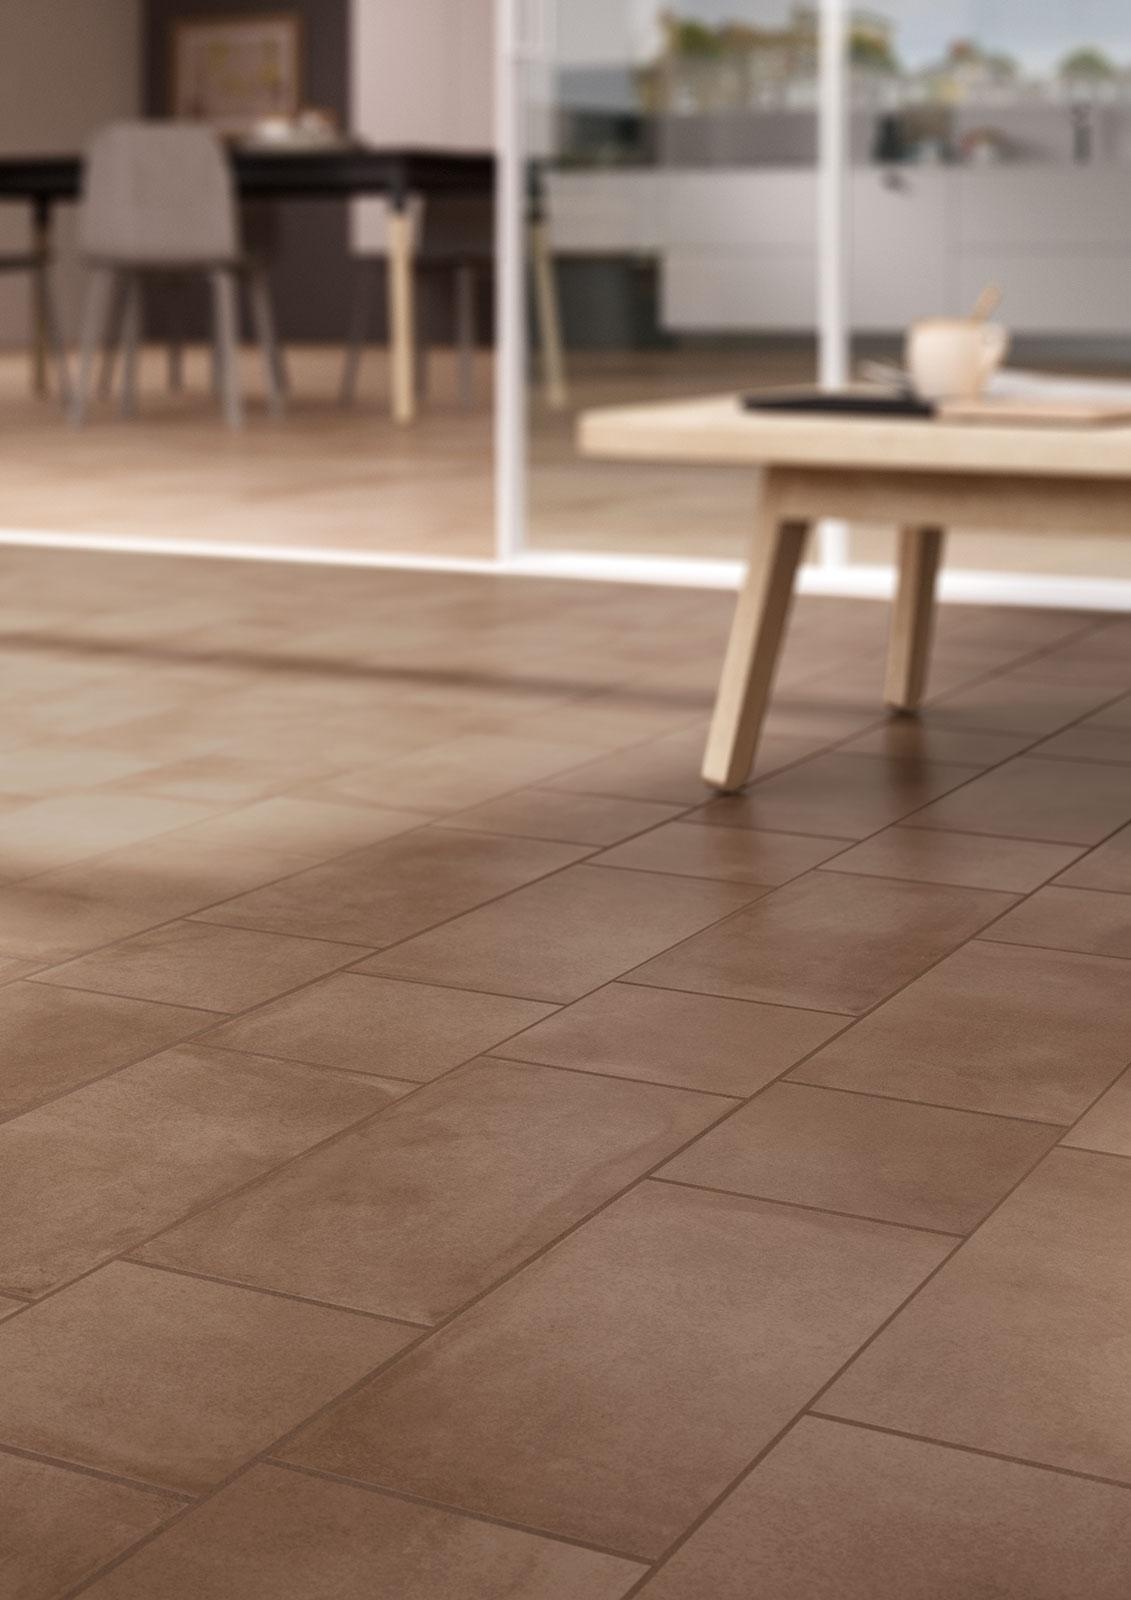 Pavimenti per esterni piastrelle gres porcellanato marazzi - Piastrelle da esterno 40x40 prezzi ...